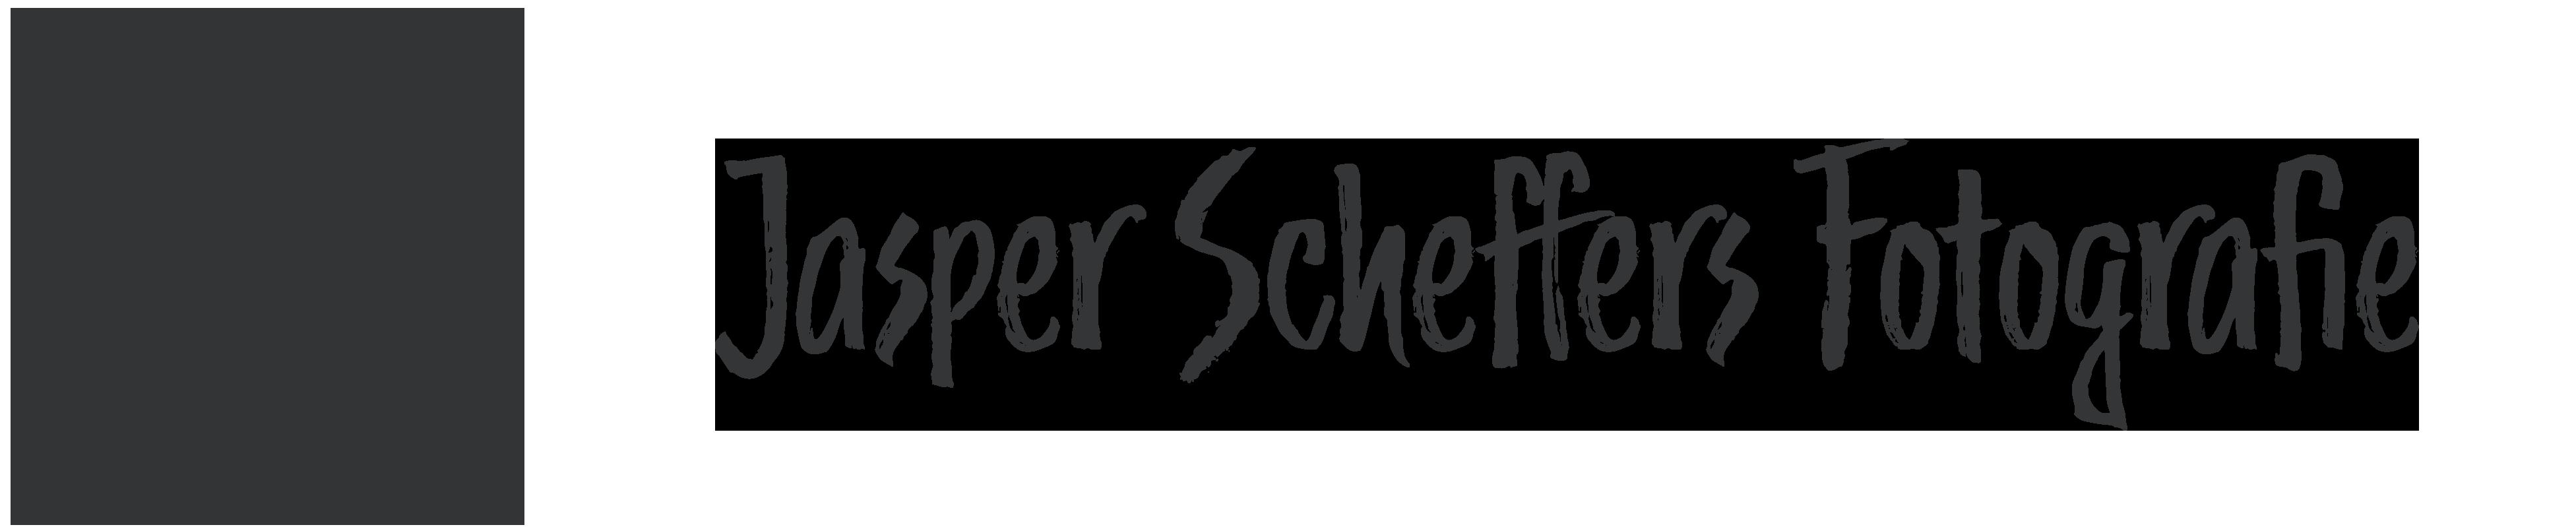 Jasper Scheffers